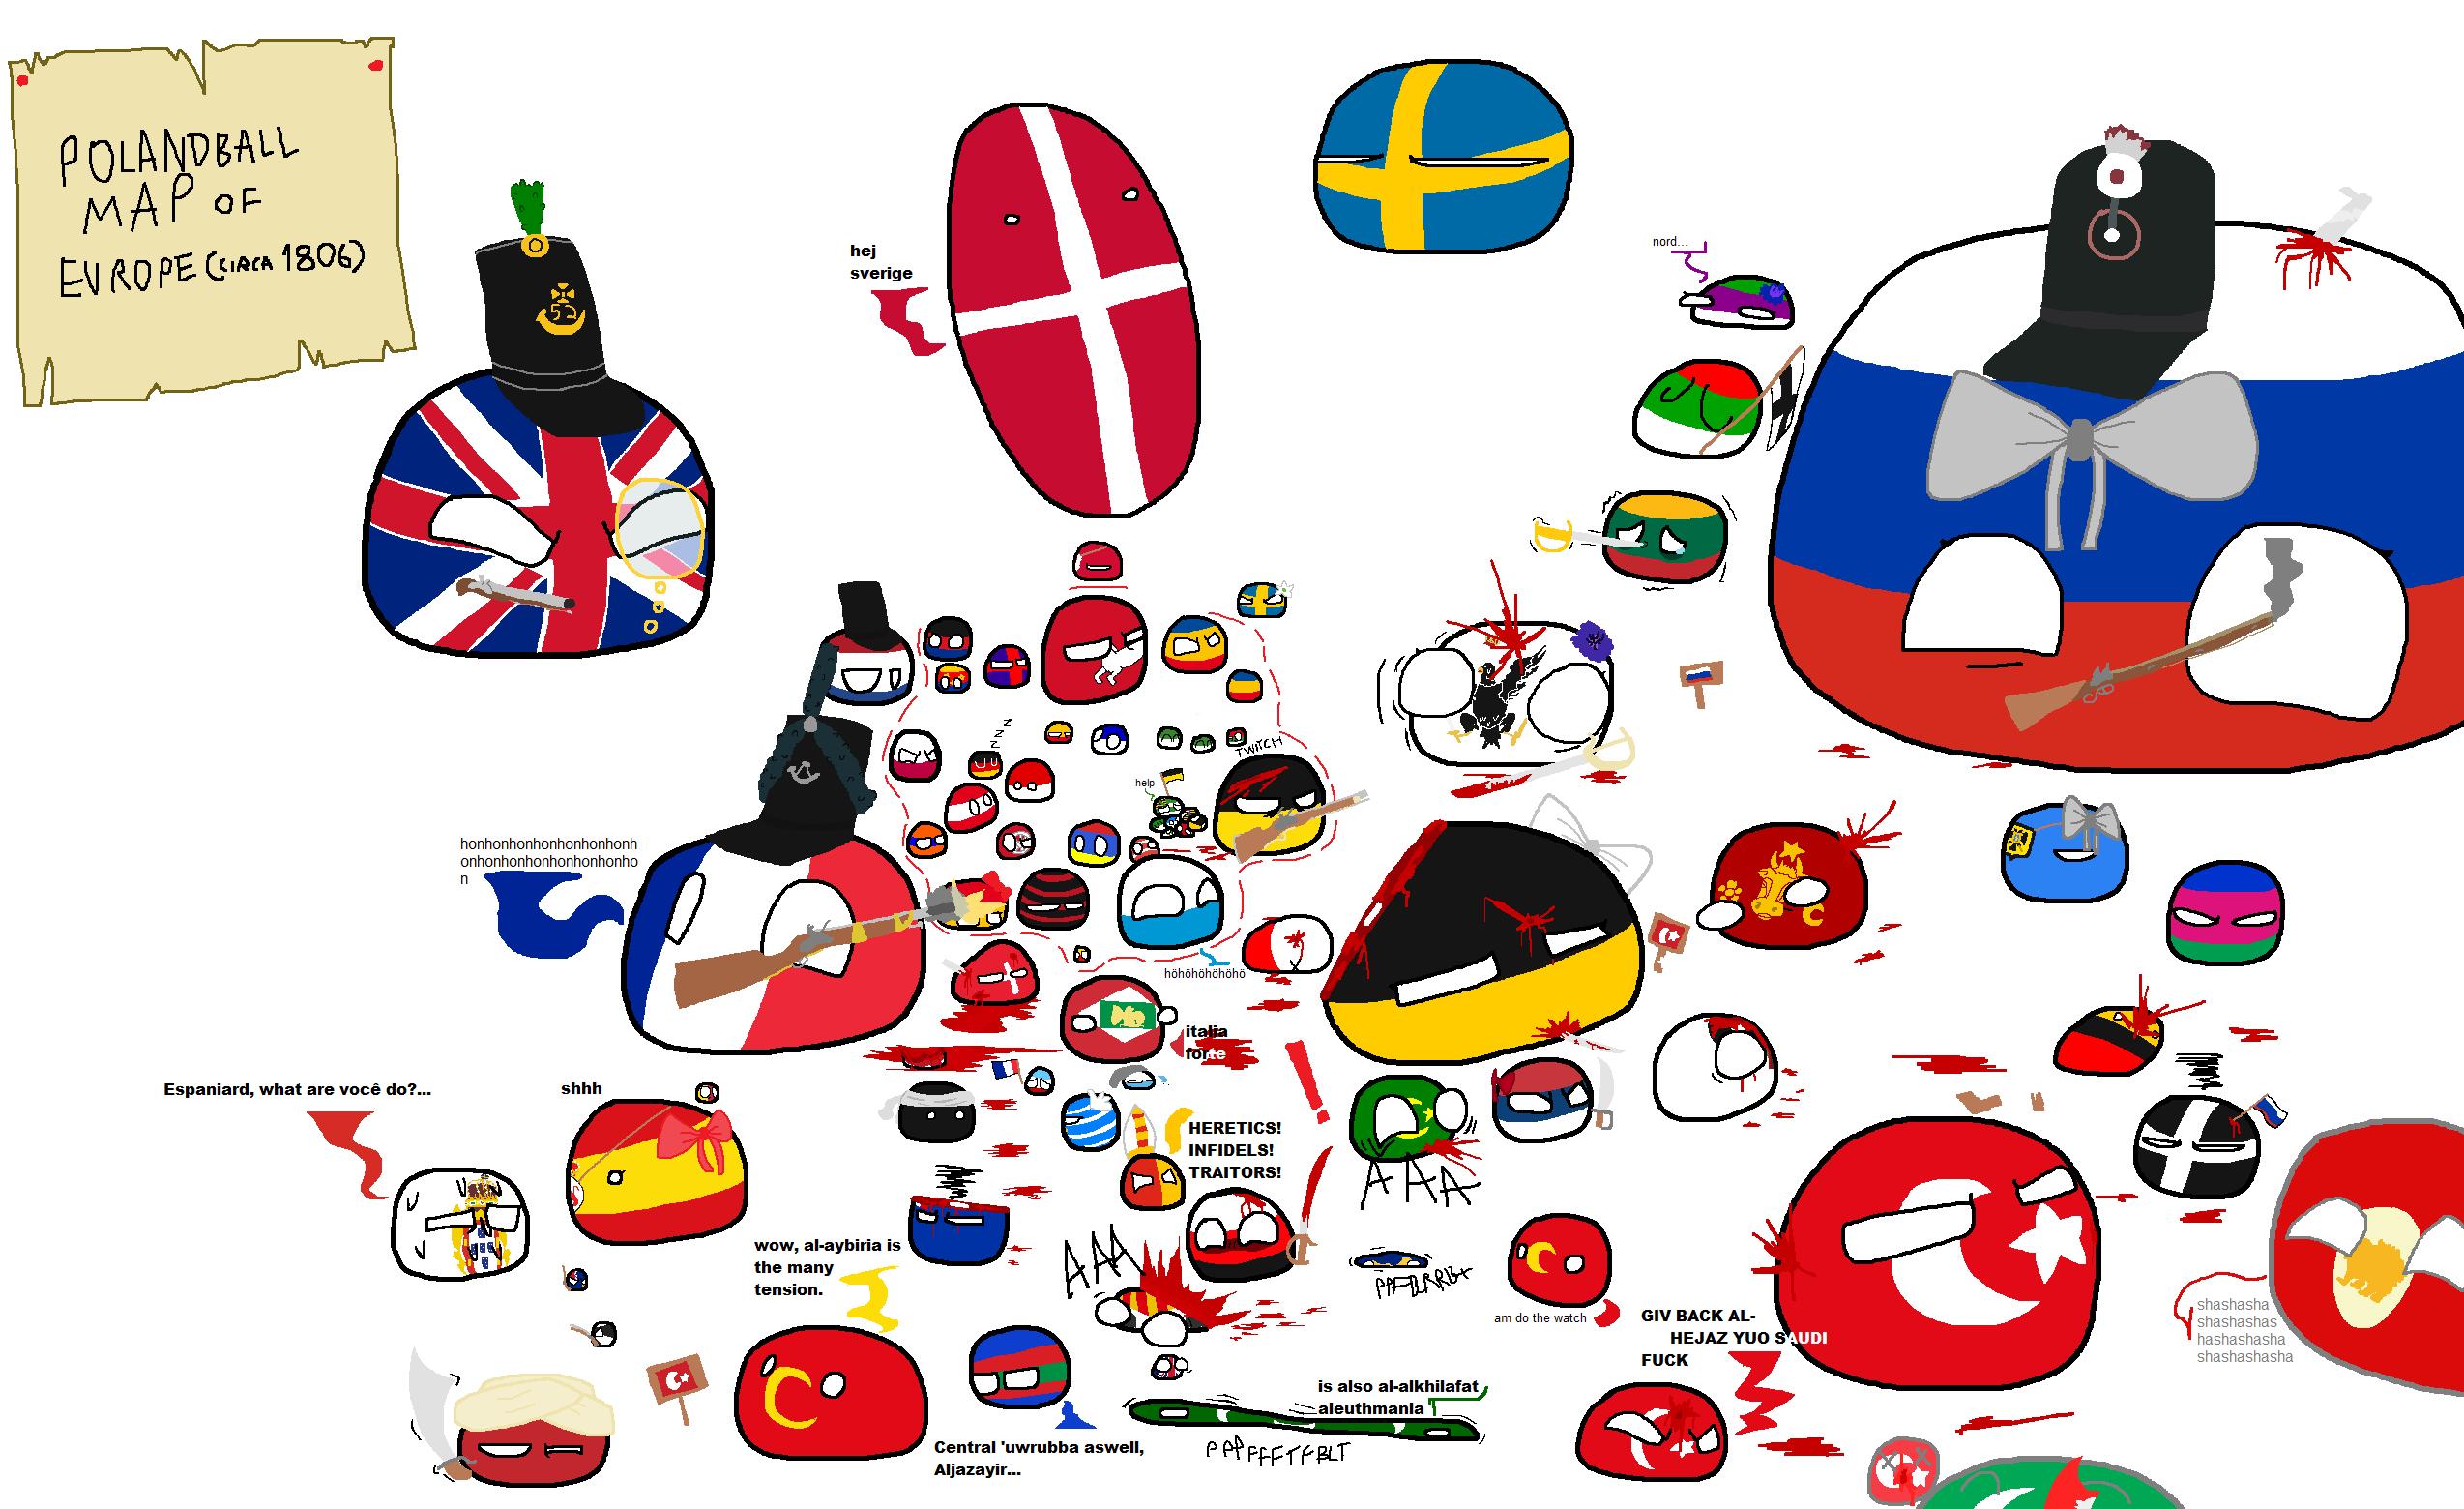 Polandball Map Of The World 2017.Polandball Map Of Europe Circa 1806 Polandballs Countryballs